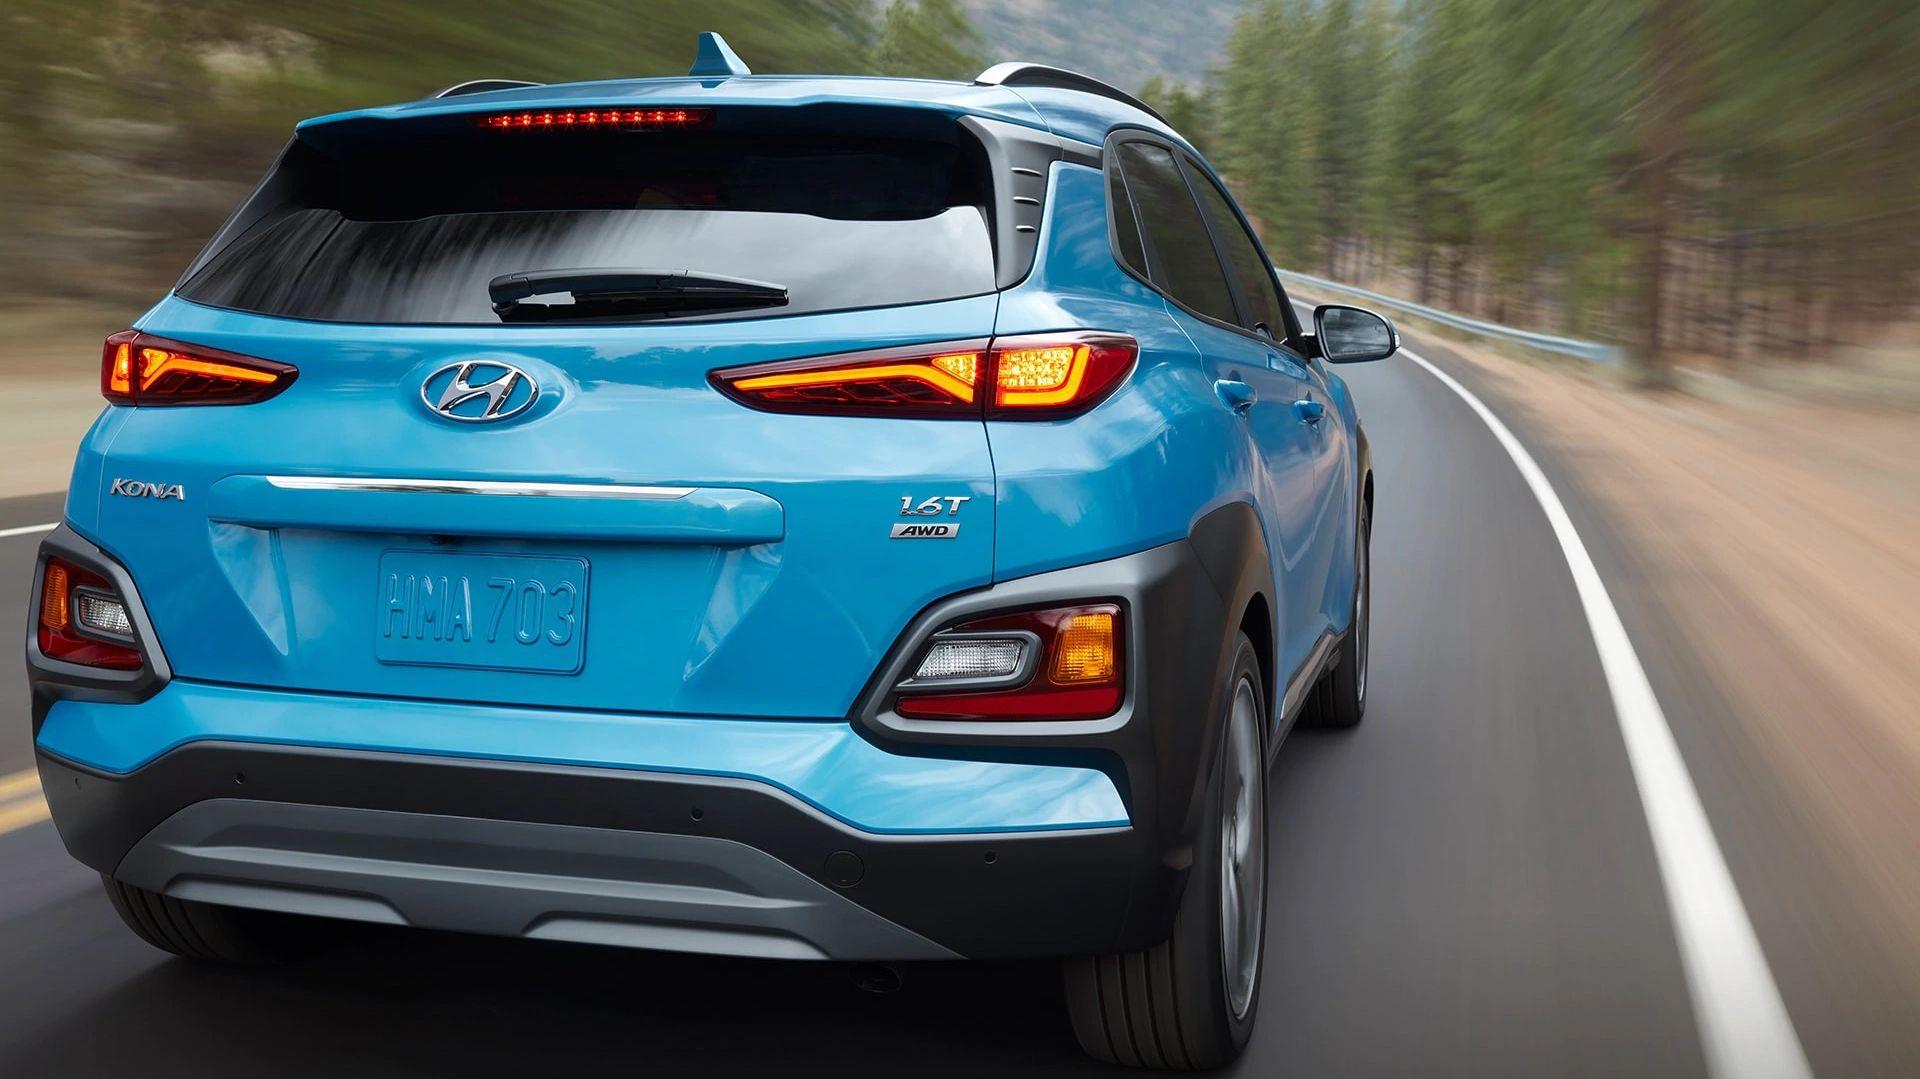 La Hyundai Kona 2019 tiene tracción en las cuatro ruedas disponible